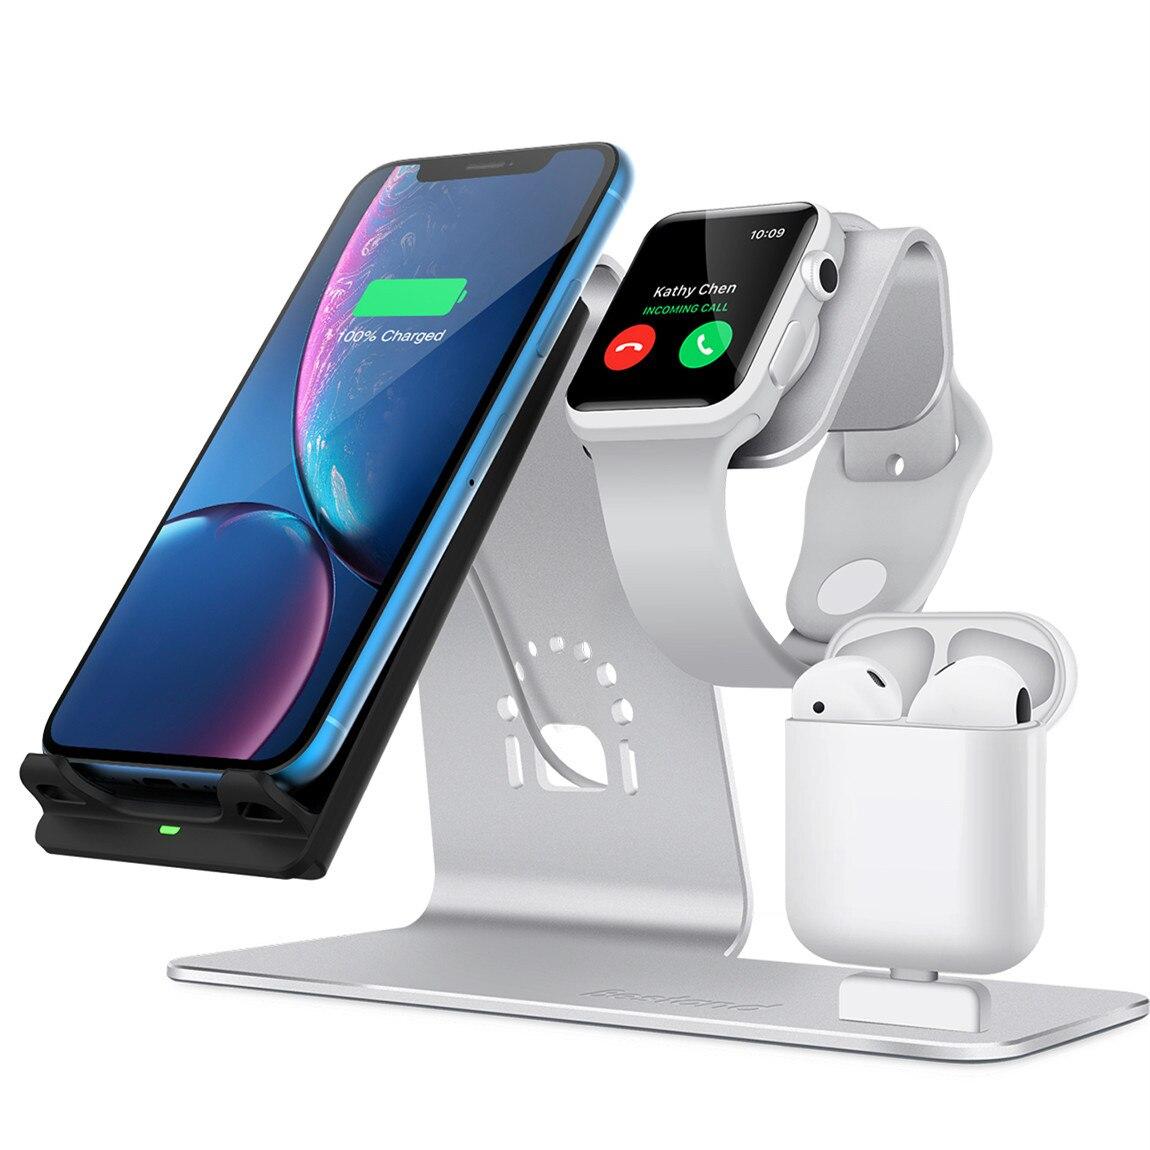 Chargeur qi sans fil apple watch chargeur dock de chargement iphone chargeur sans fil apple watch chargeur usb station de recharge